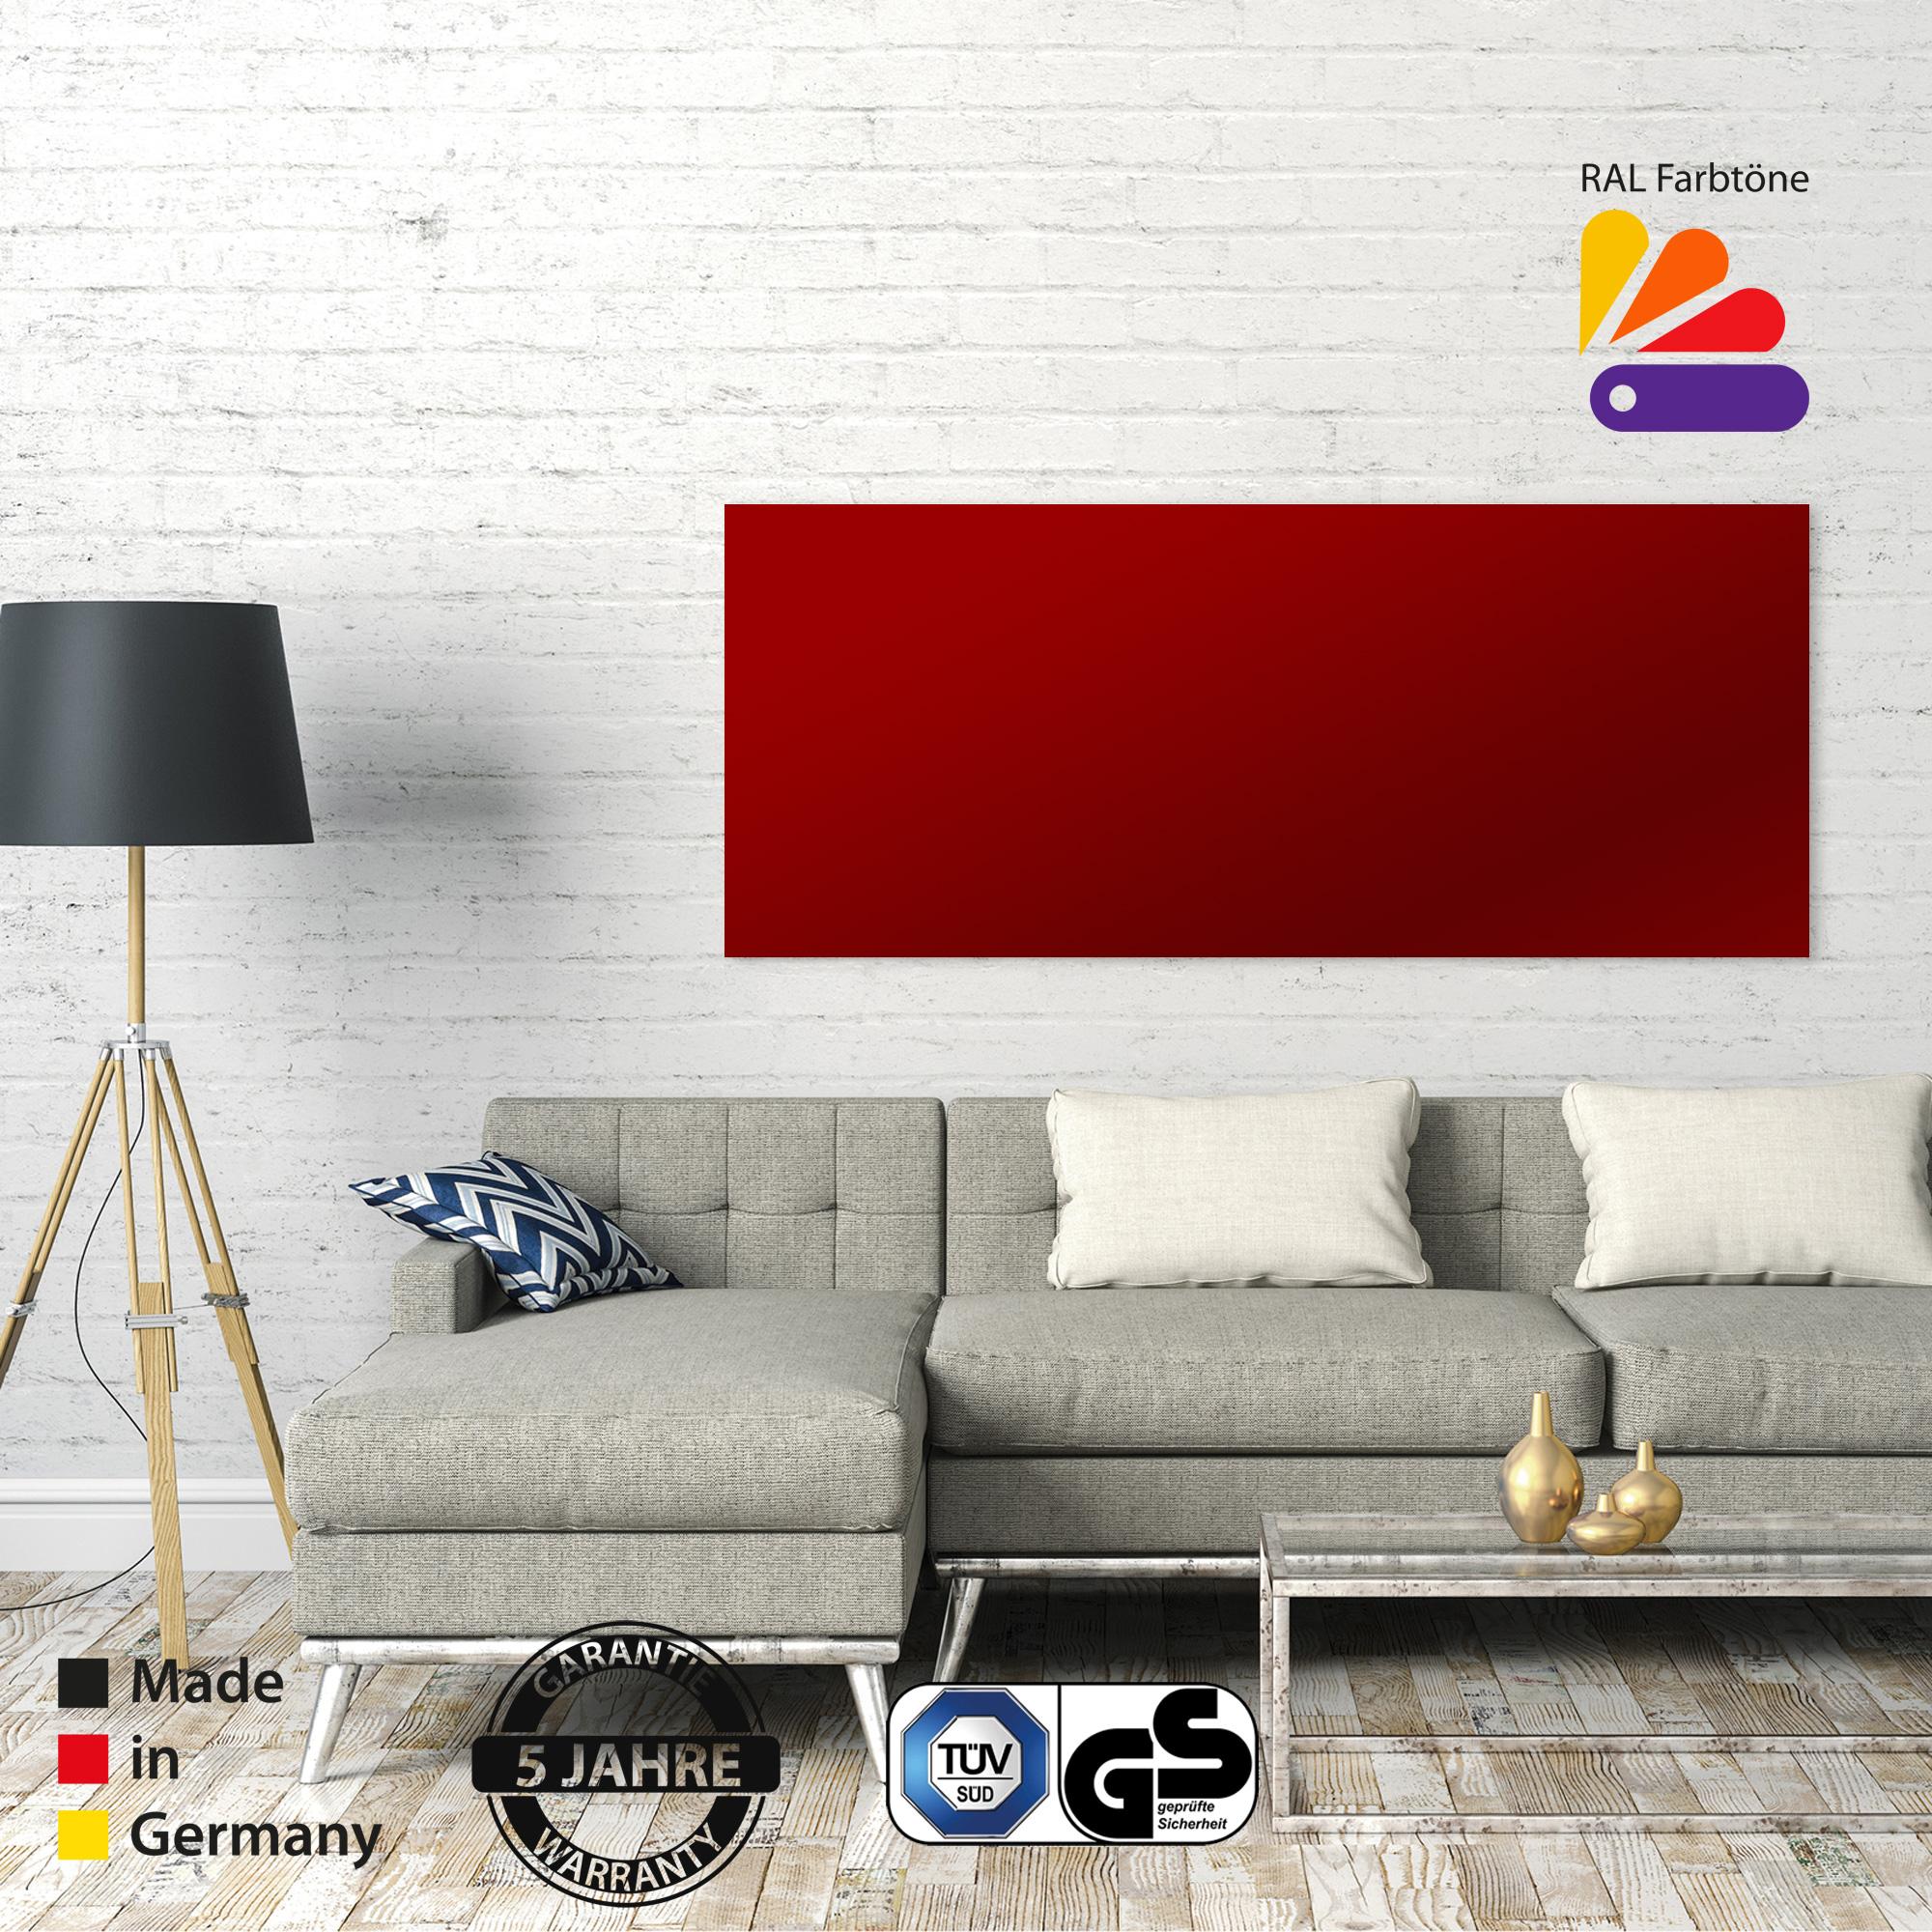 VASNER Infrarotheizung Hersteller für Zipris GR Colour